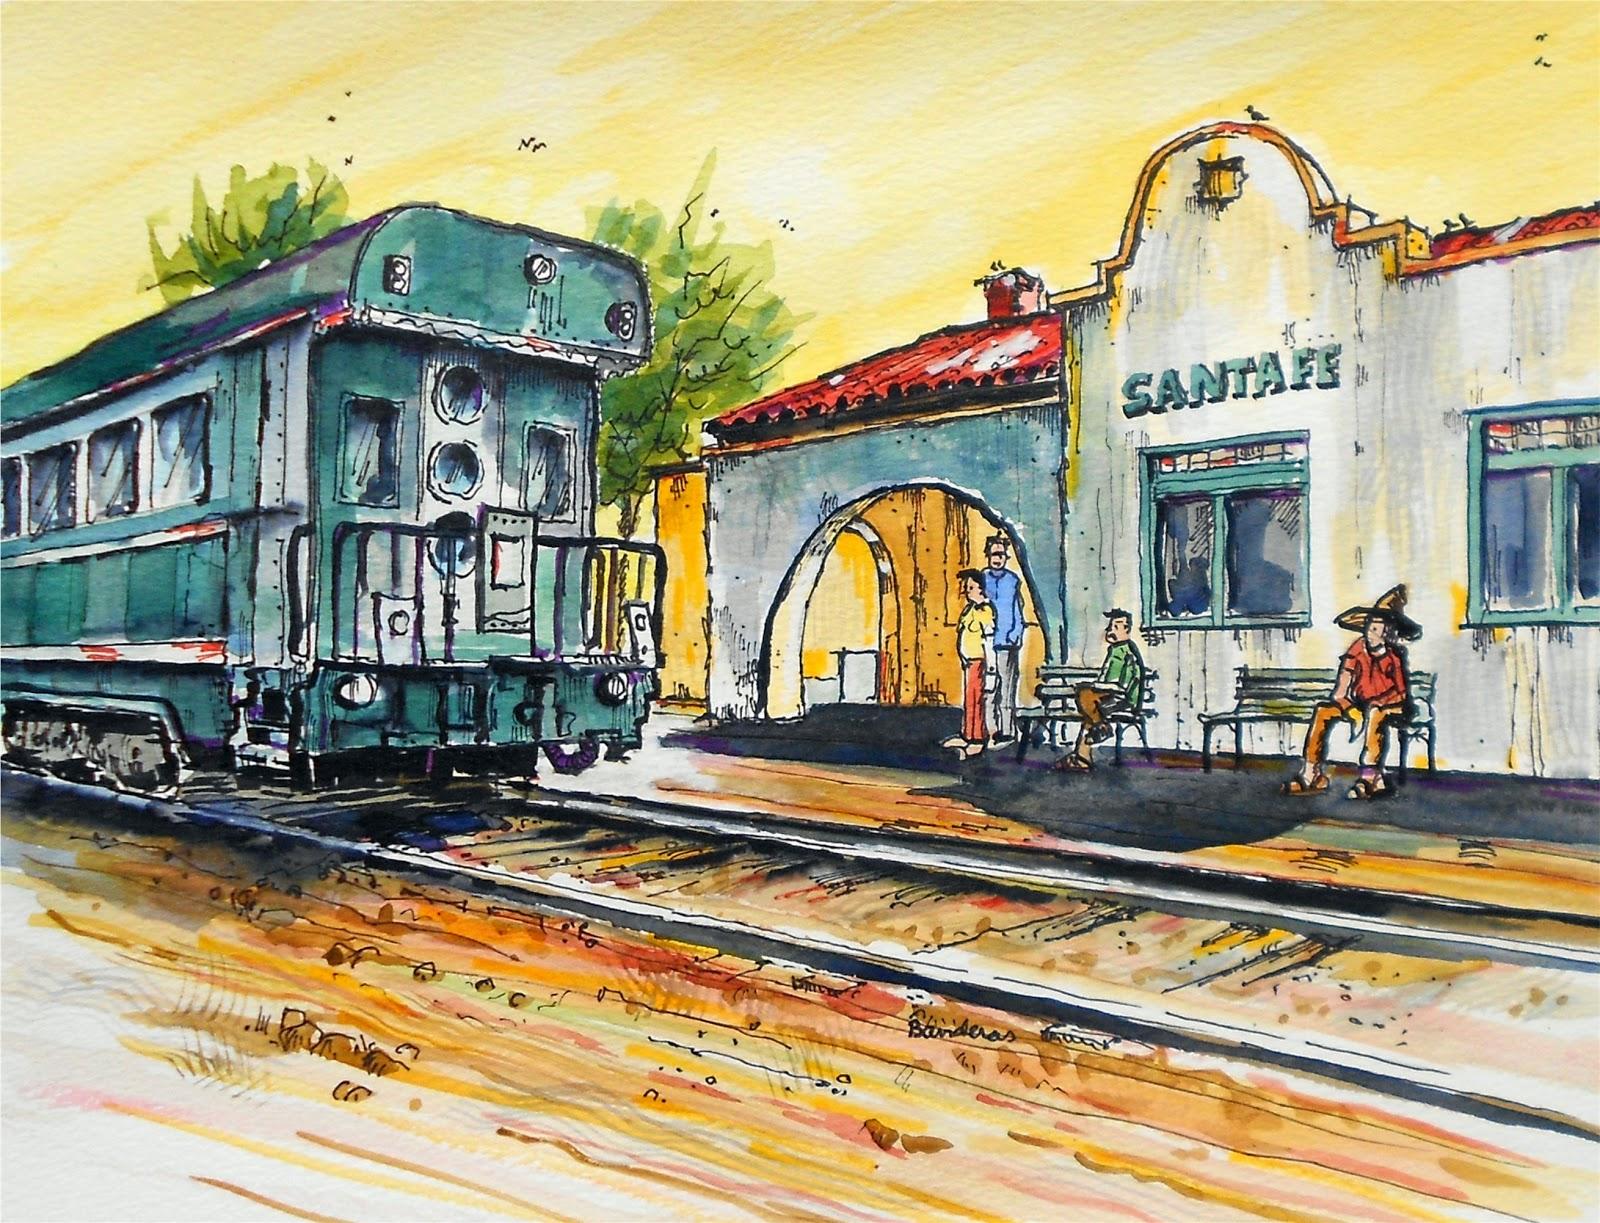 Drawn railroad watercolor Train a image late Fe